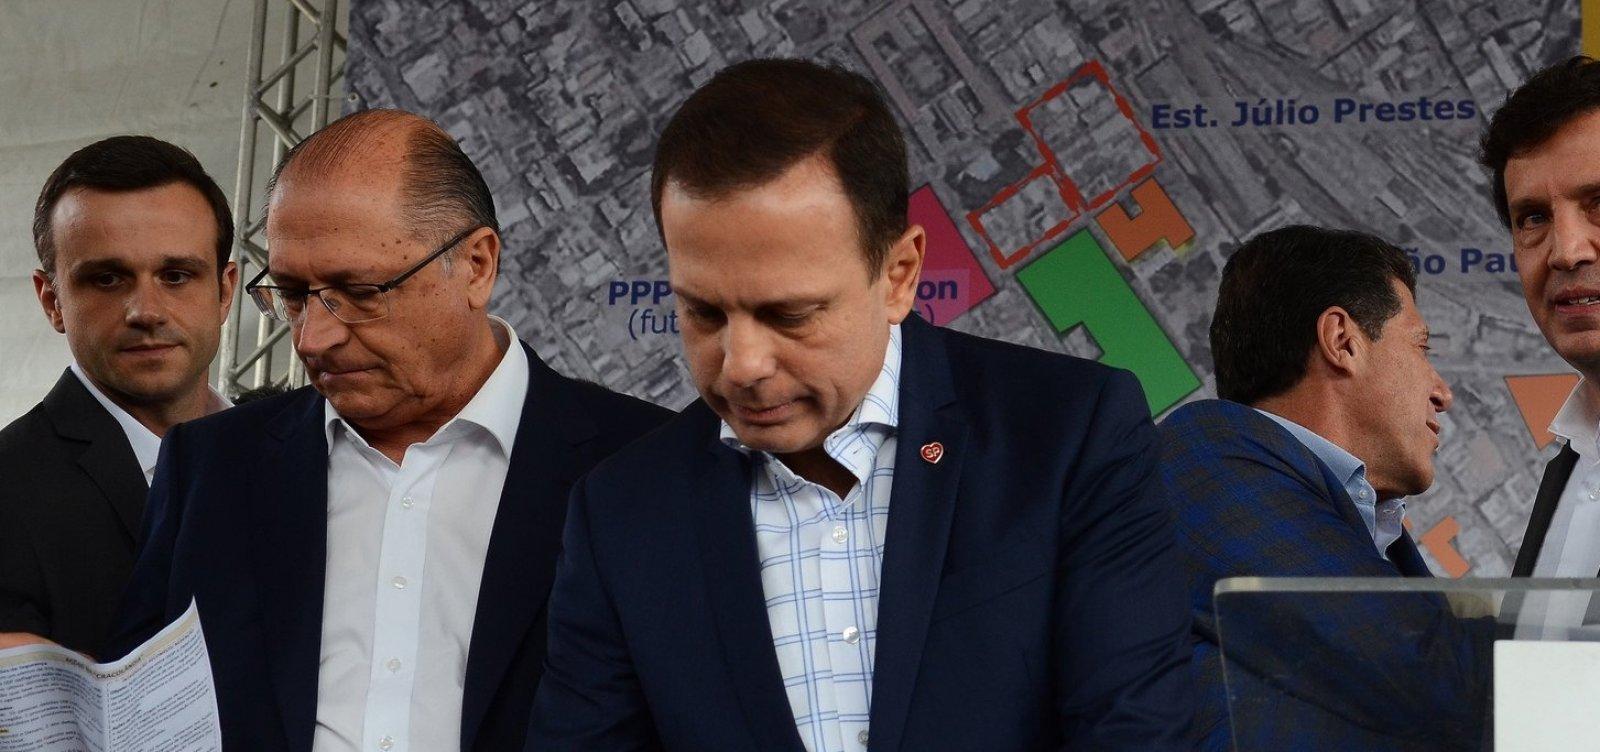 [Alckmin sinaliza que deixará comando do PSDB em maio, diz jornal]